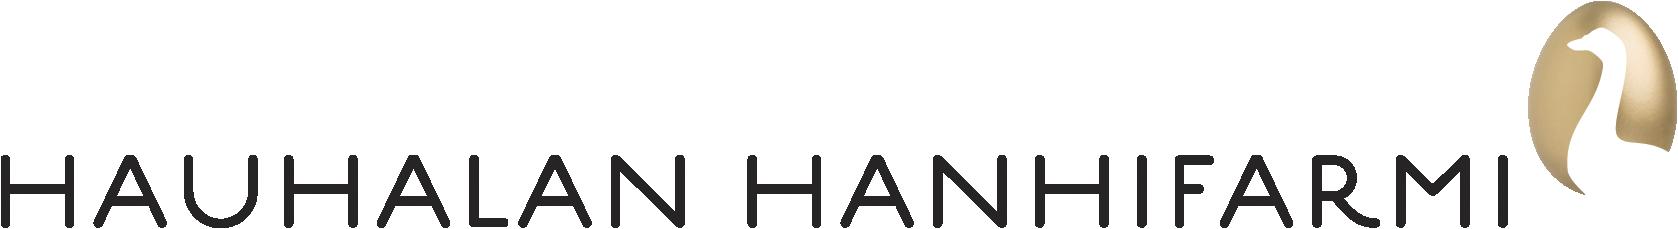 Hauhalan hanhifarmi - logo